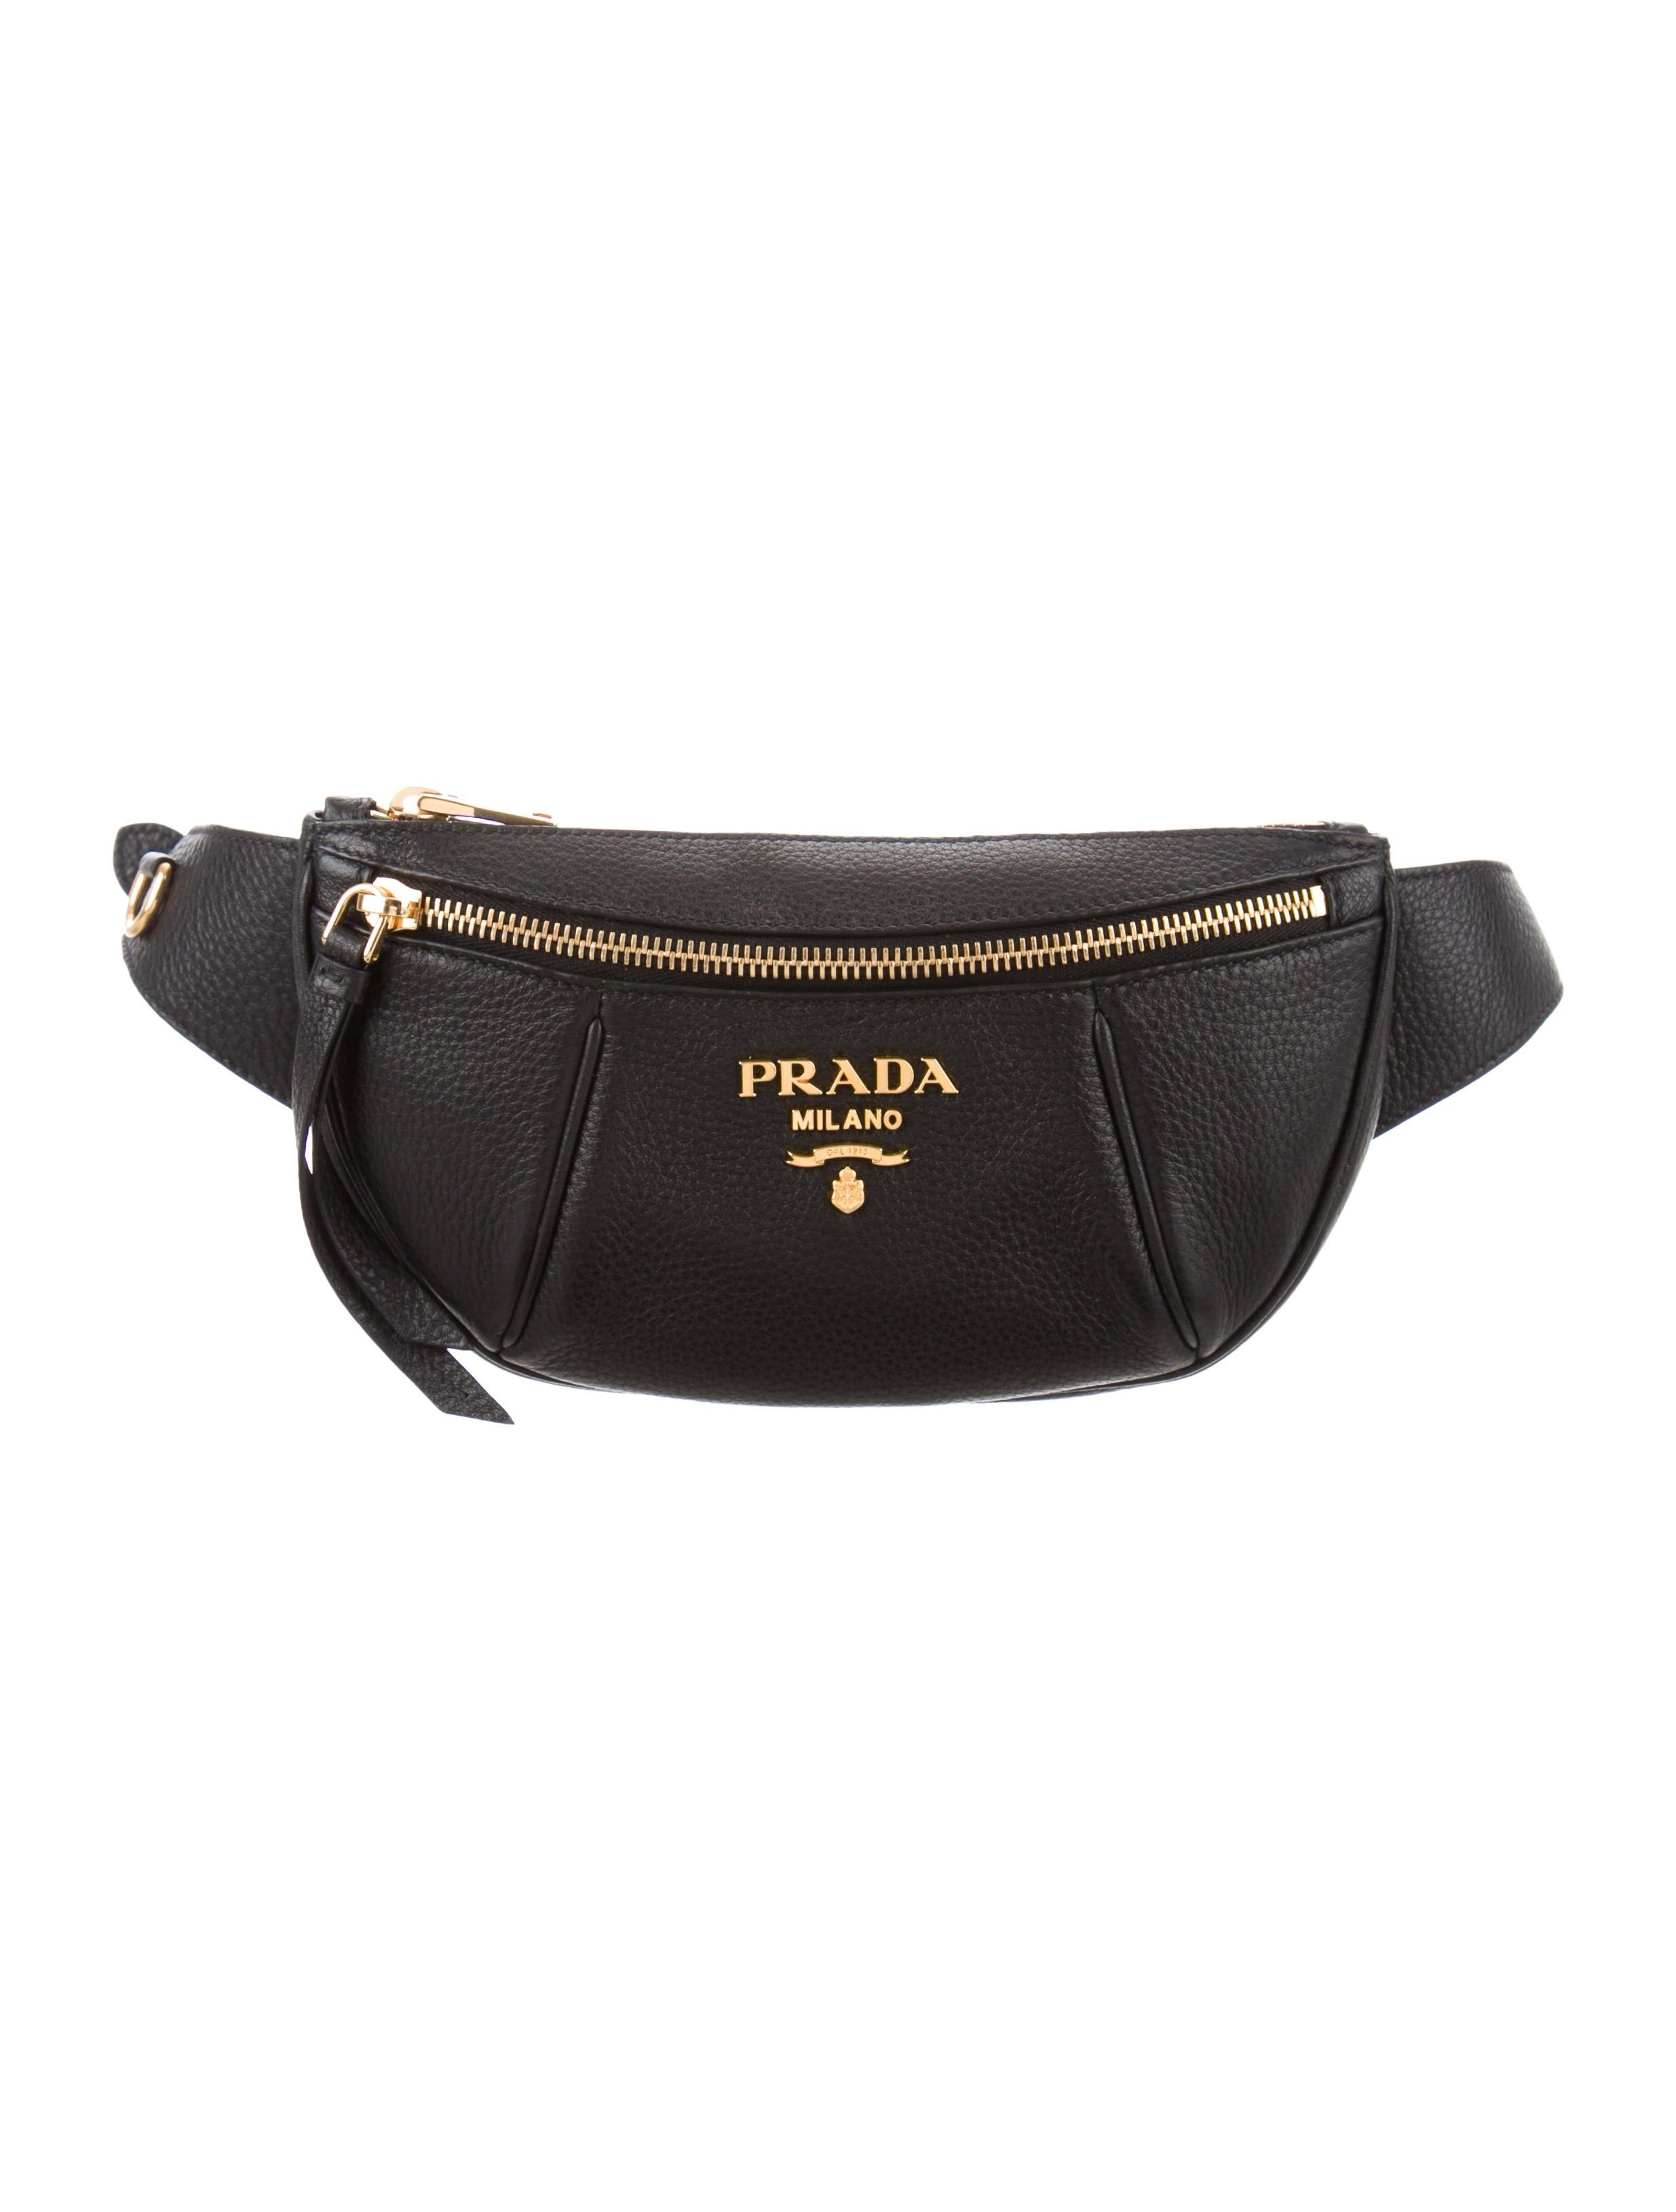 51da5fce54 Prada Vitello Daino Belt Bag w  Tags - Handbags - PRA210521